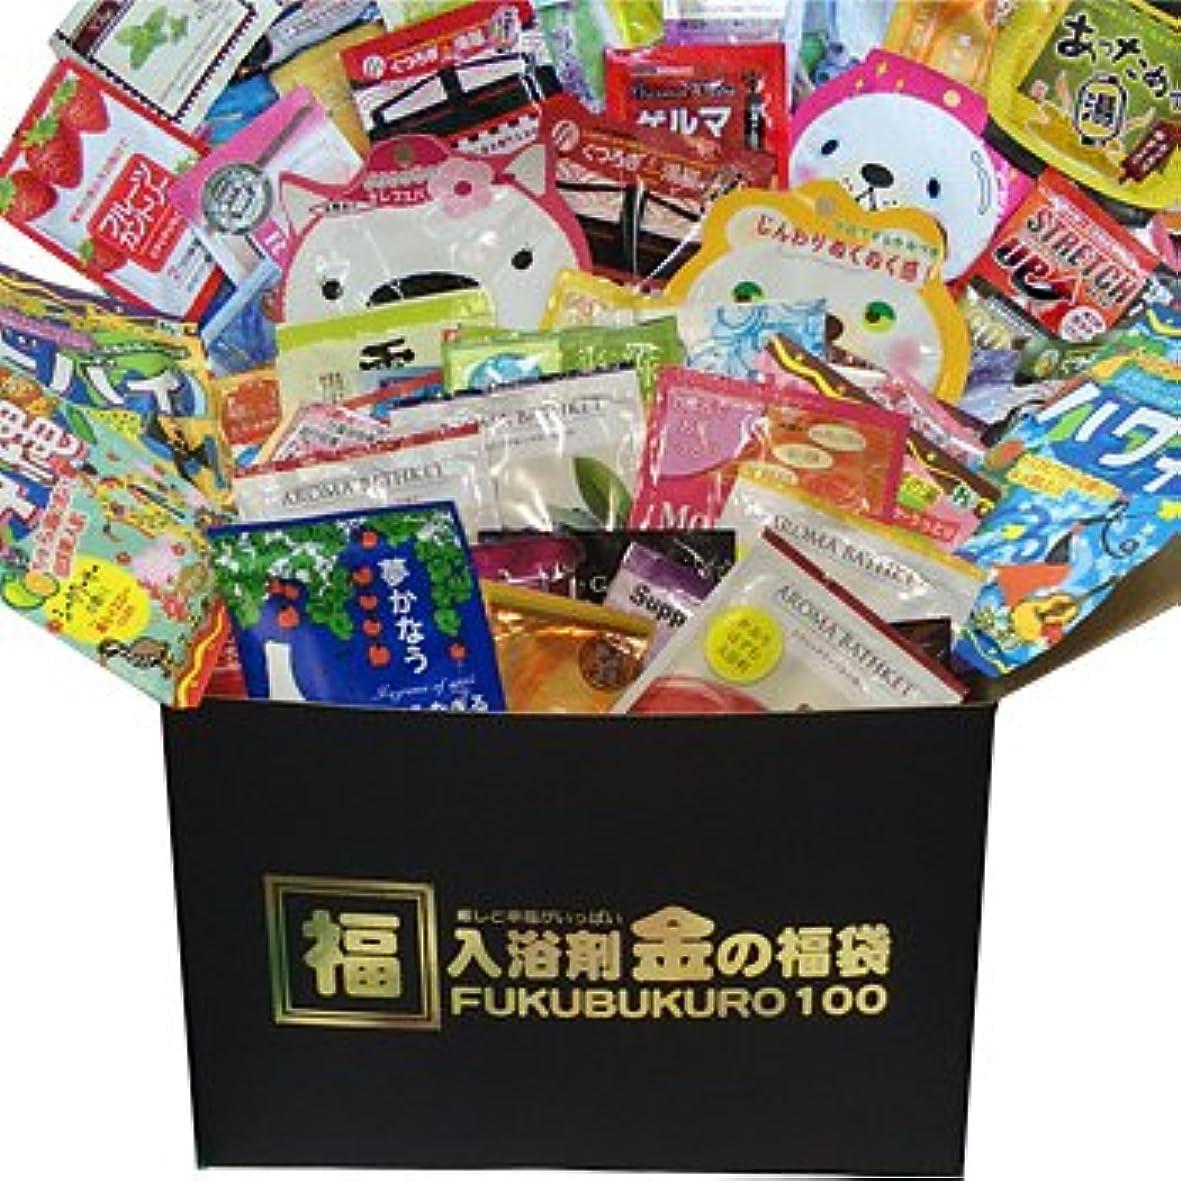 ブリッジもろい遠い金の! 【入浴剤 福袋】100個 安心の日本製!入浴剤福袋/入浴剤 福袋/ギフト